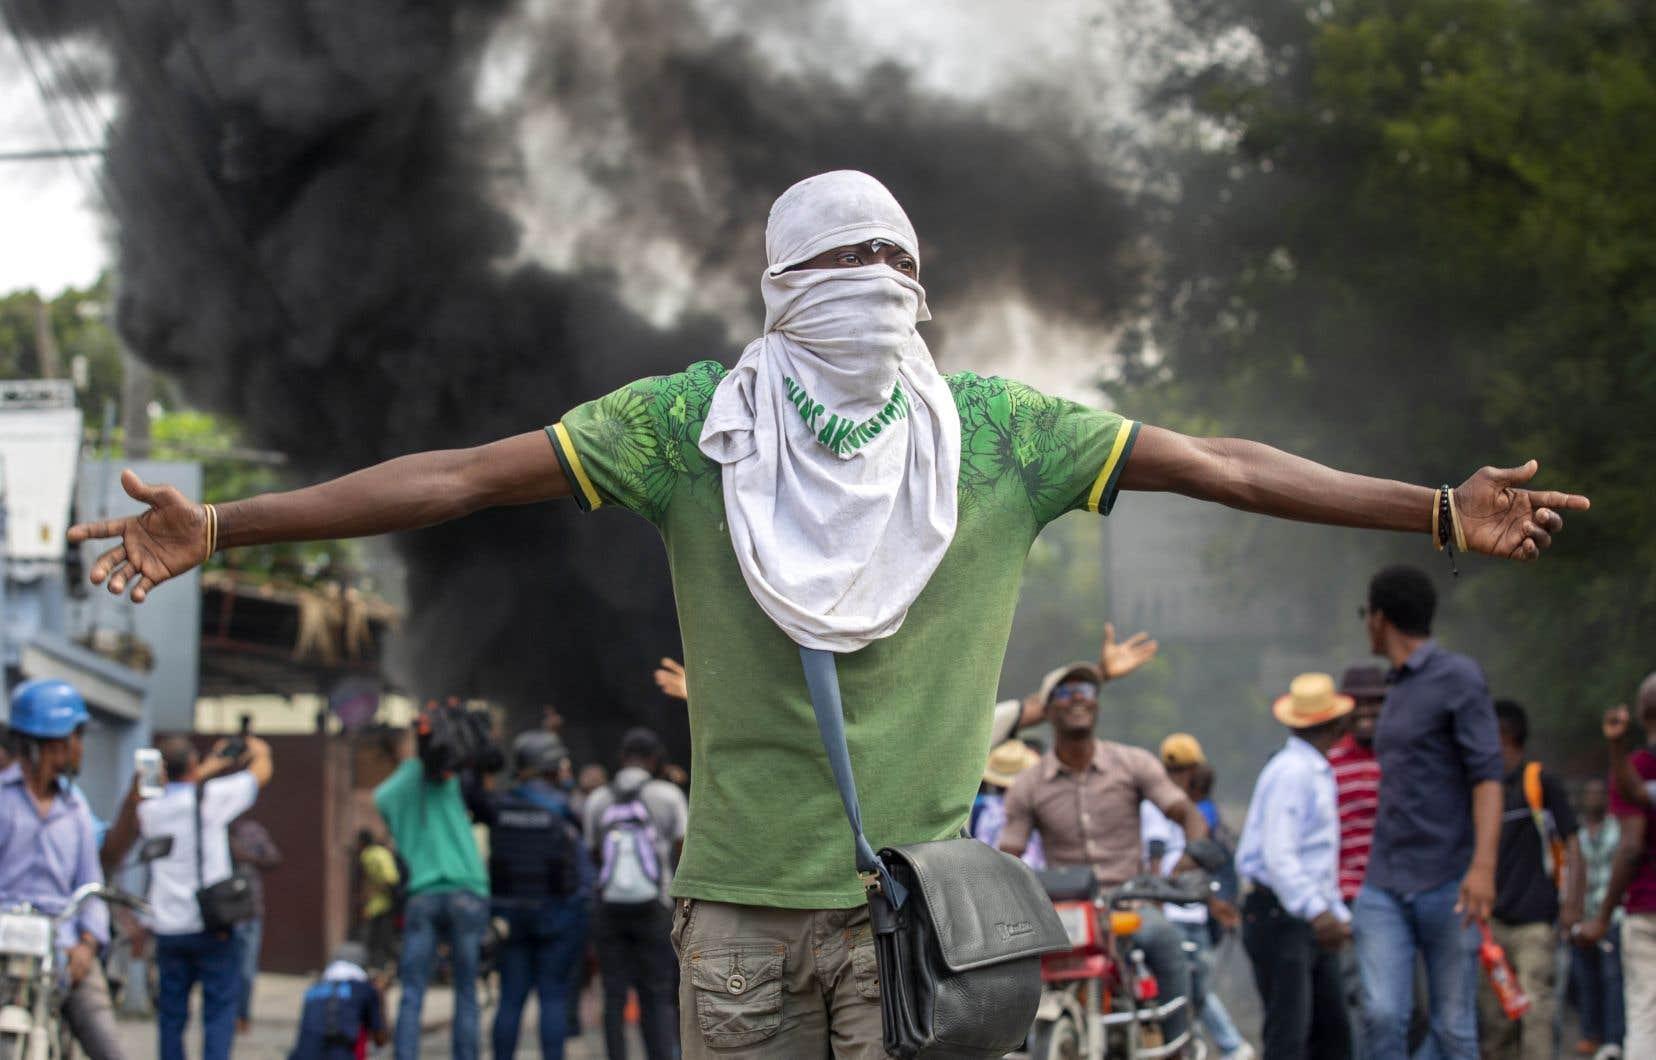 Médecin, marchande de rues, musicien, écoliers… aucune classe socio-économique n'est épargnée par les rapts criminels des bandes armées qui sévissent principalement dans la capitale, mais aussi dans les villes de province.